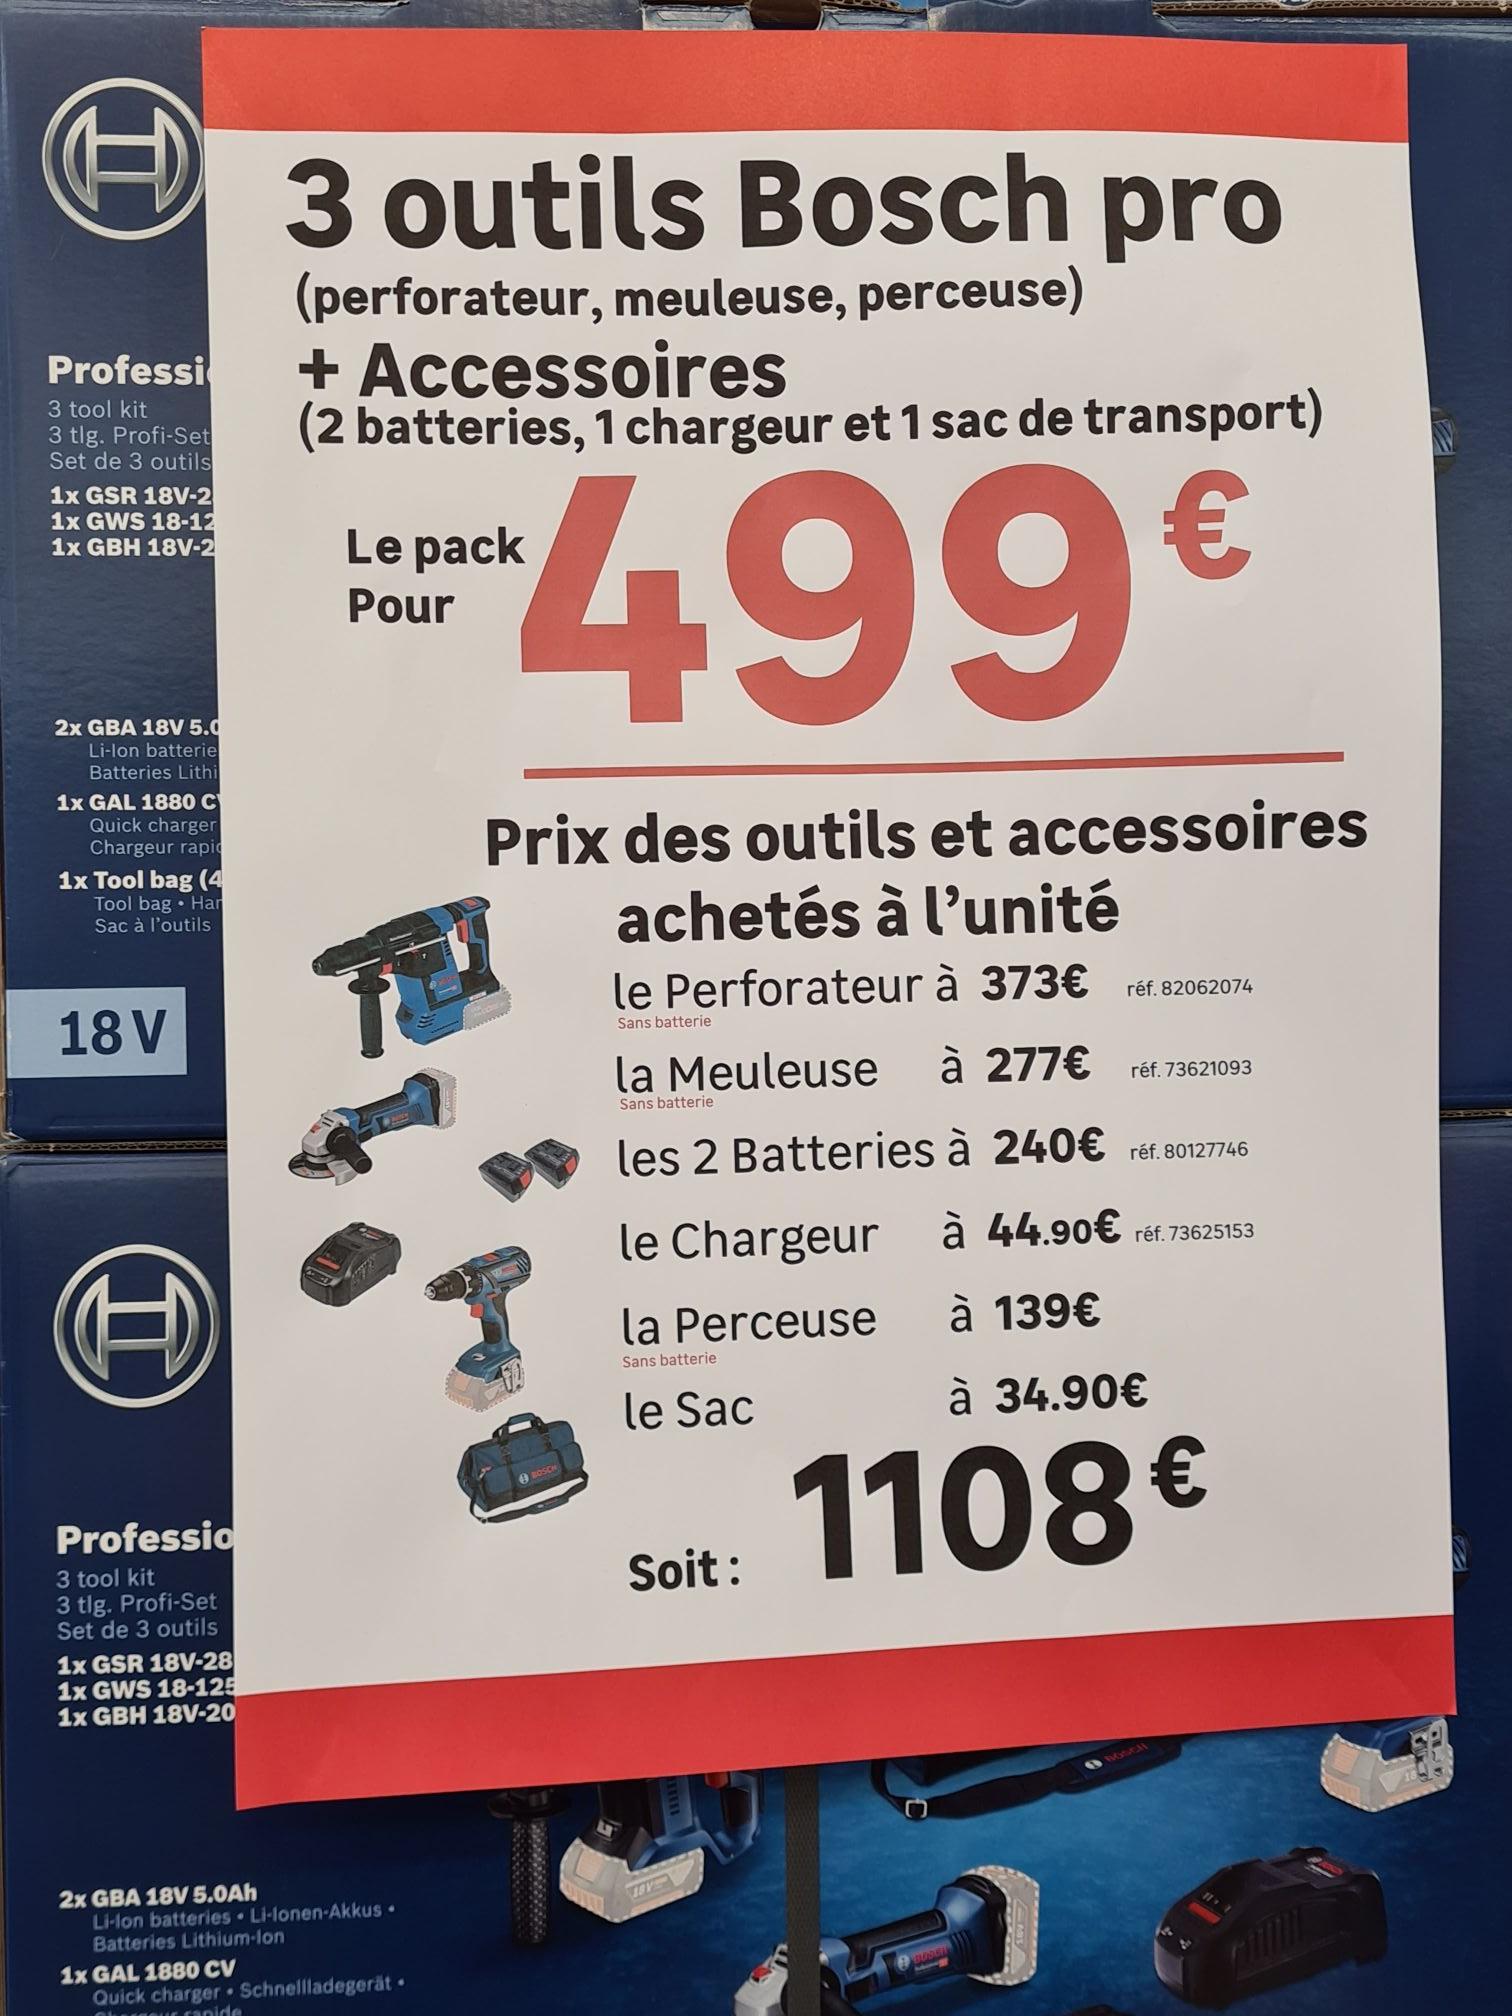 Pack outils Bosch Professional (3 outils plus accessoires) - Vitry-sur-Seine (94)